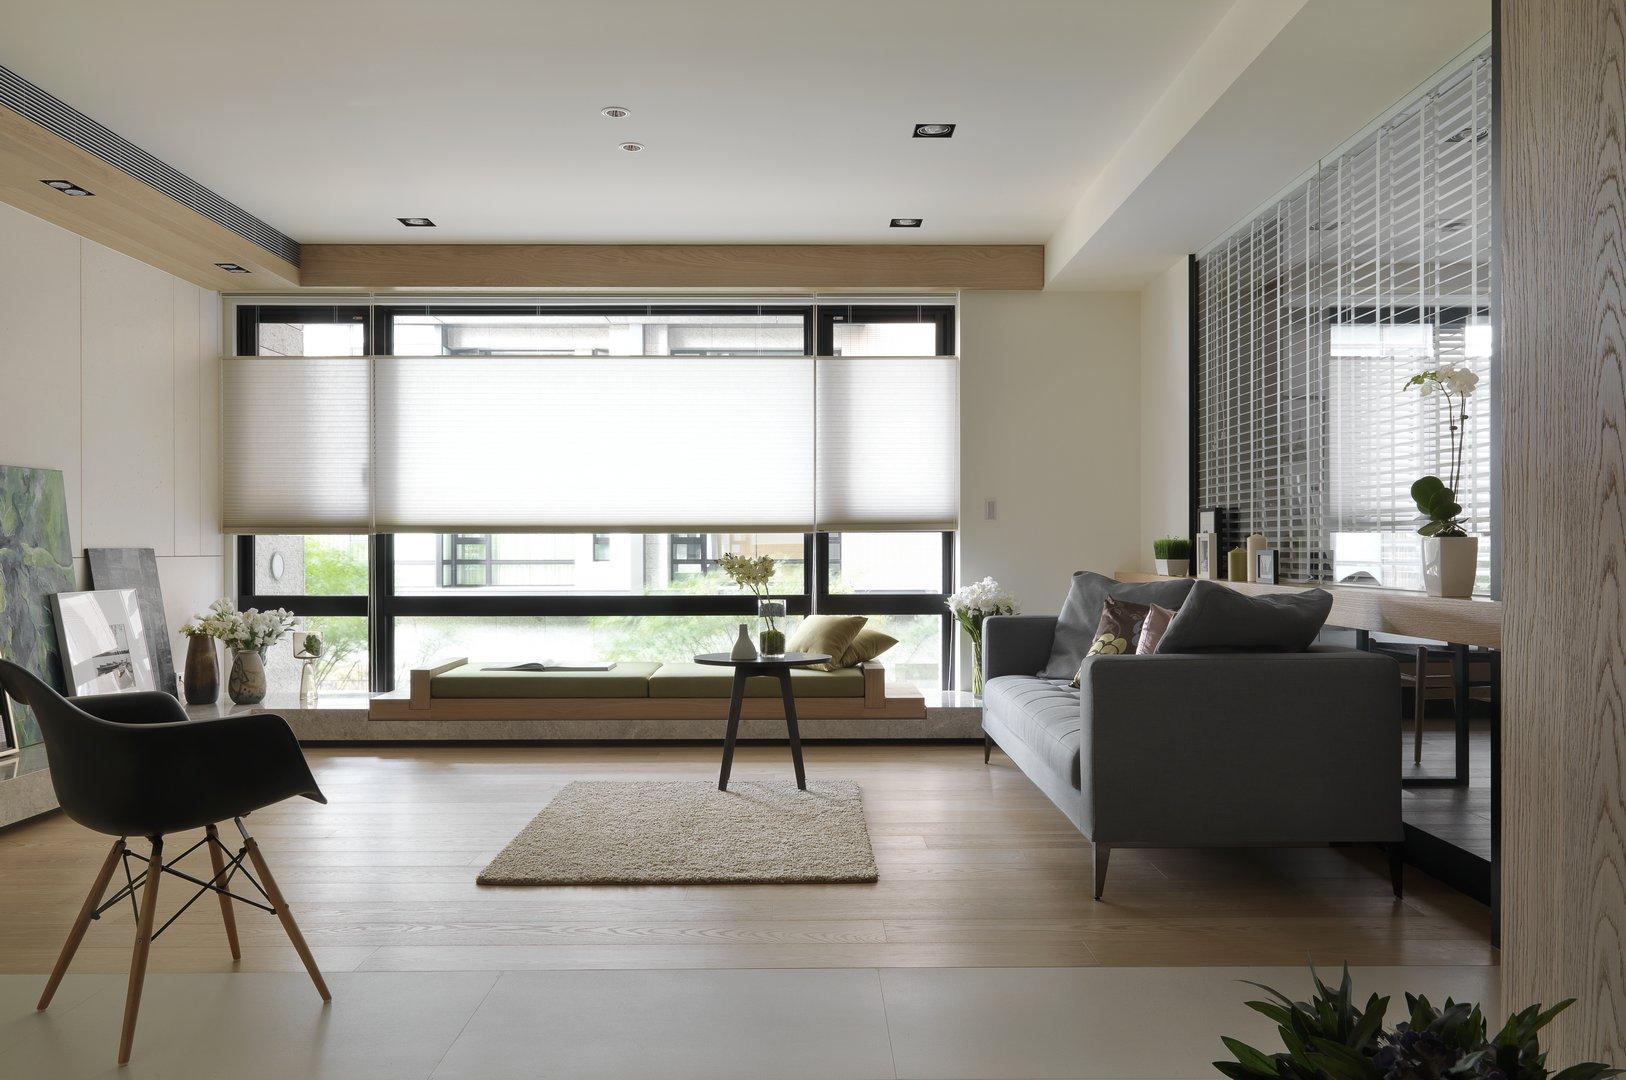 背景墙是白色收纳柜,搭配原木质感的开放空间作展示画,简单实用也很利落大方。